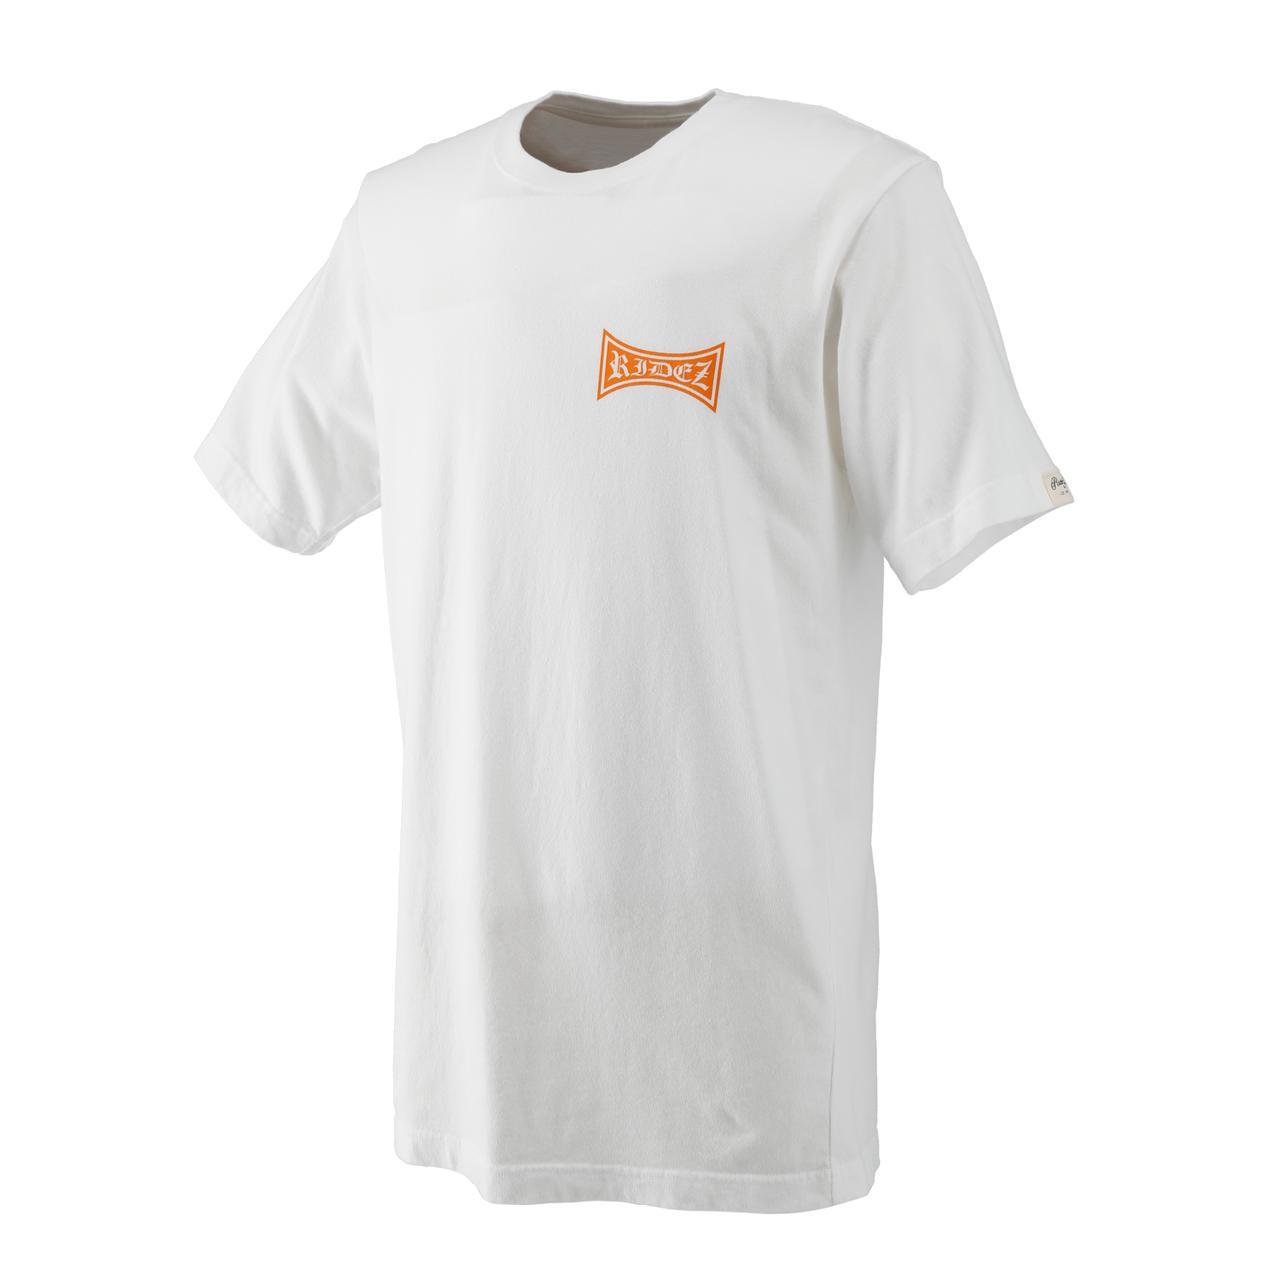 画像4: ライダーの夏。ニッポンの夏。RIDEZから日本製Tシャツの新作が4型・計8種類登場! あなたはどれが好き?